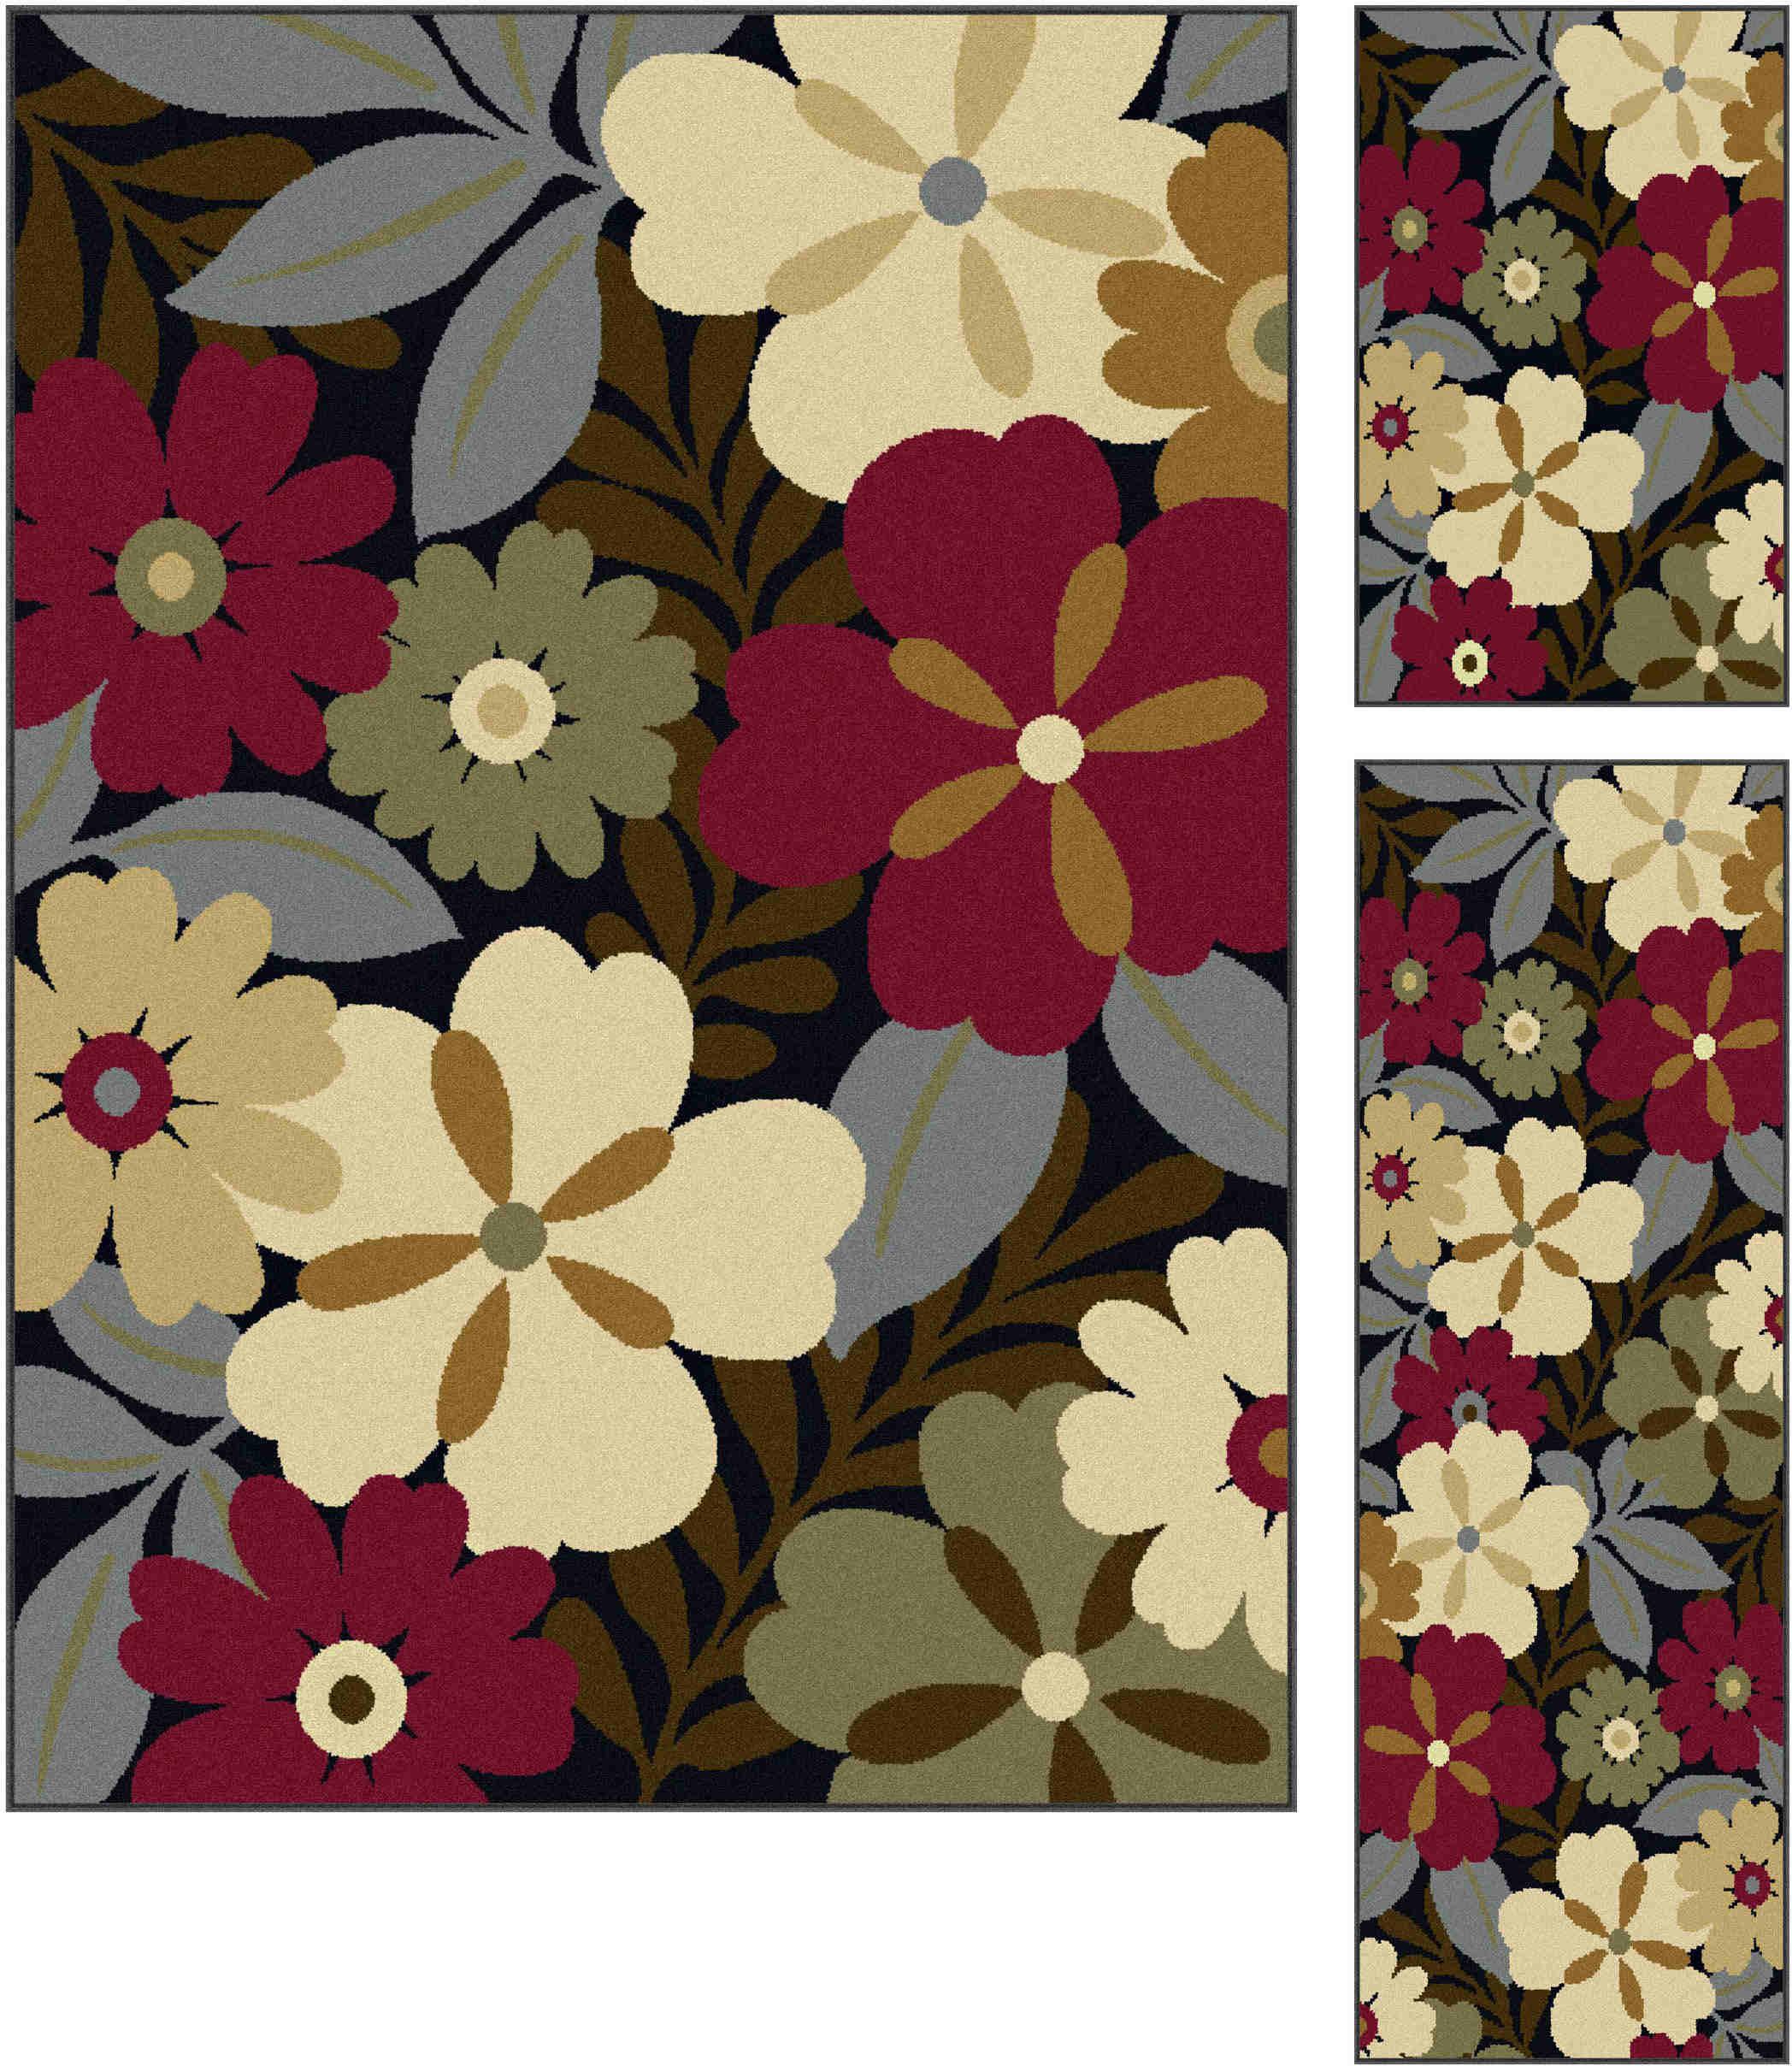 Buy Modern Contemporary Outdoor Rugs |Shoppypal